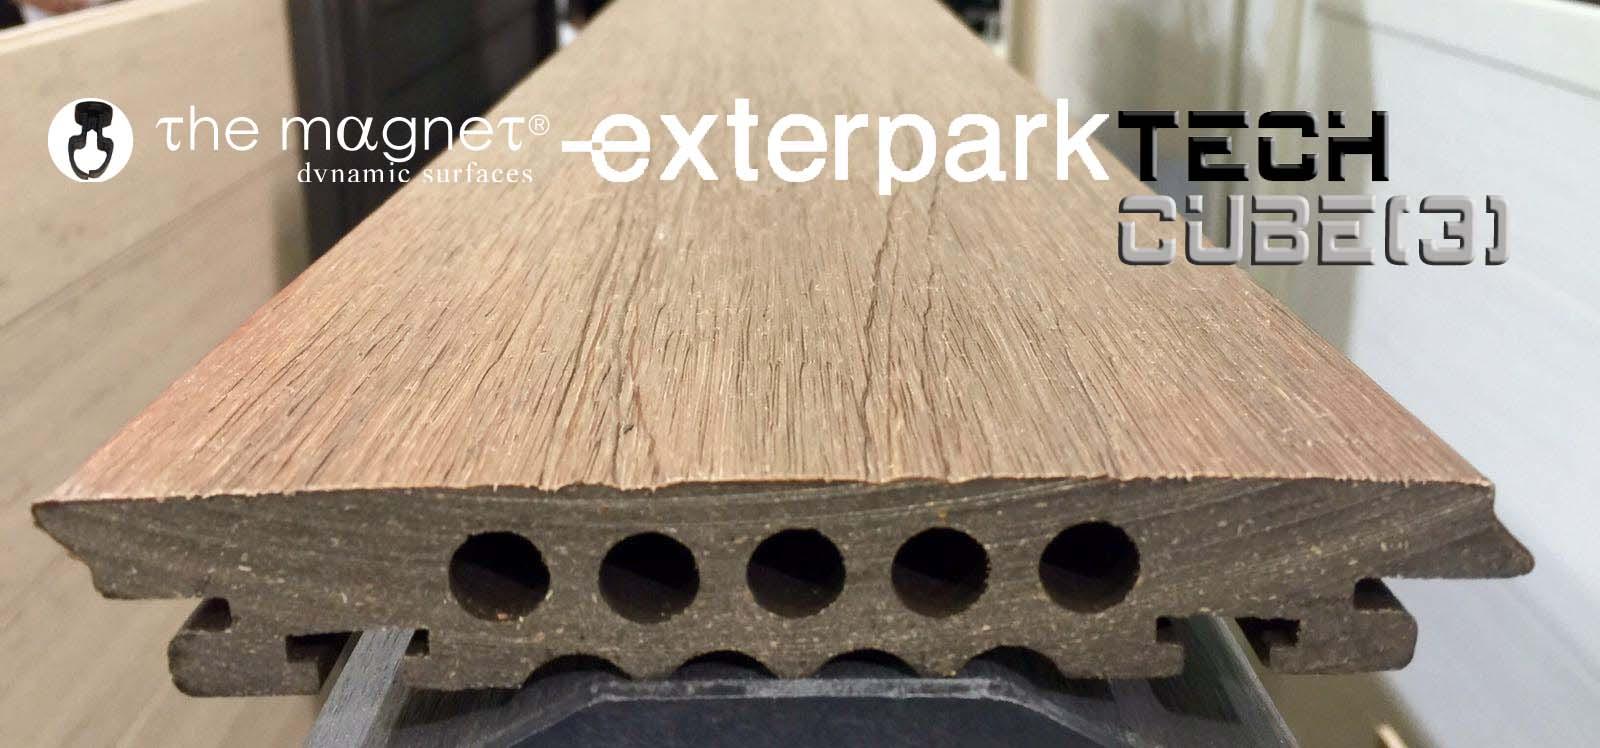 Exterpark Tech Cube il Decking Zero Manutenzione